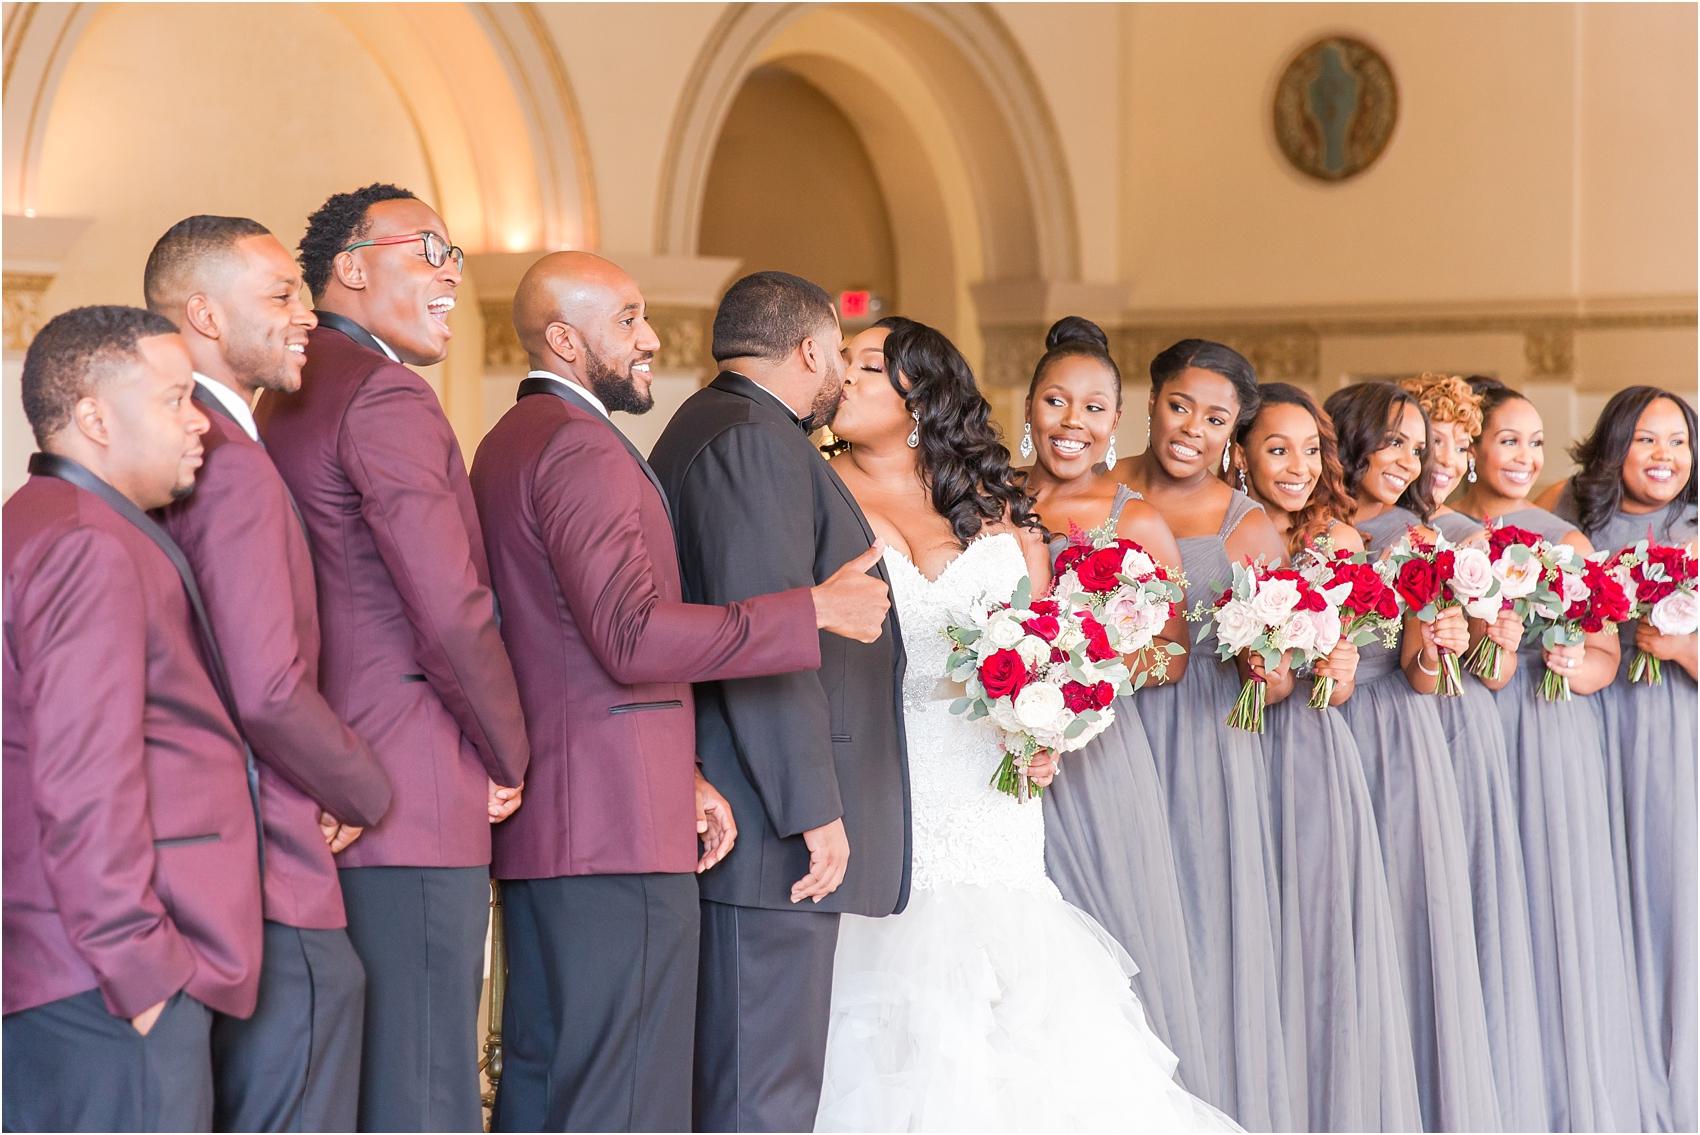 minimalist-and-modern-wedding-photos-at-30-north-saginaw-in-pontiac-michigan-by-courtney-carolyn-photography_0023.jpg